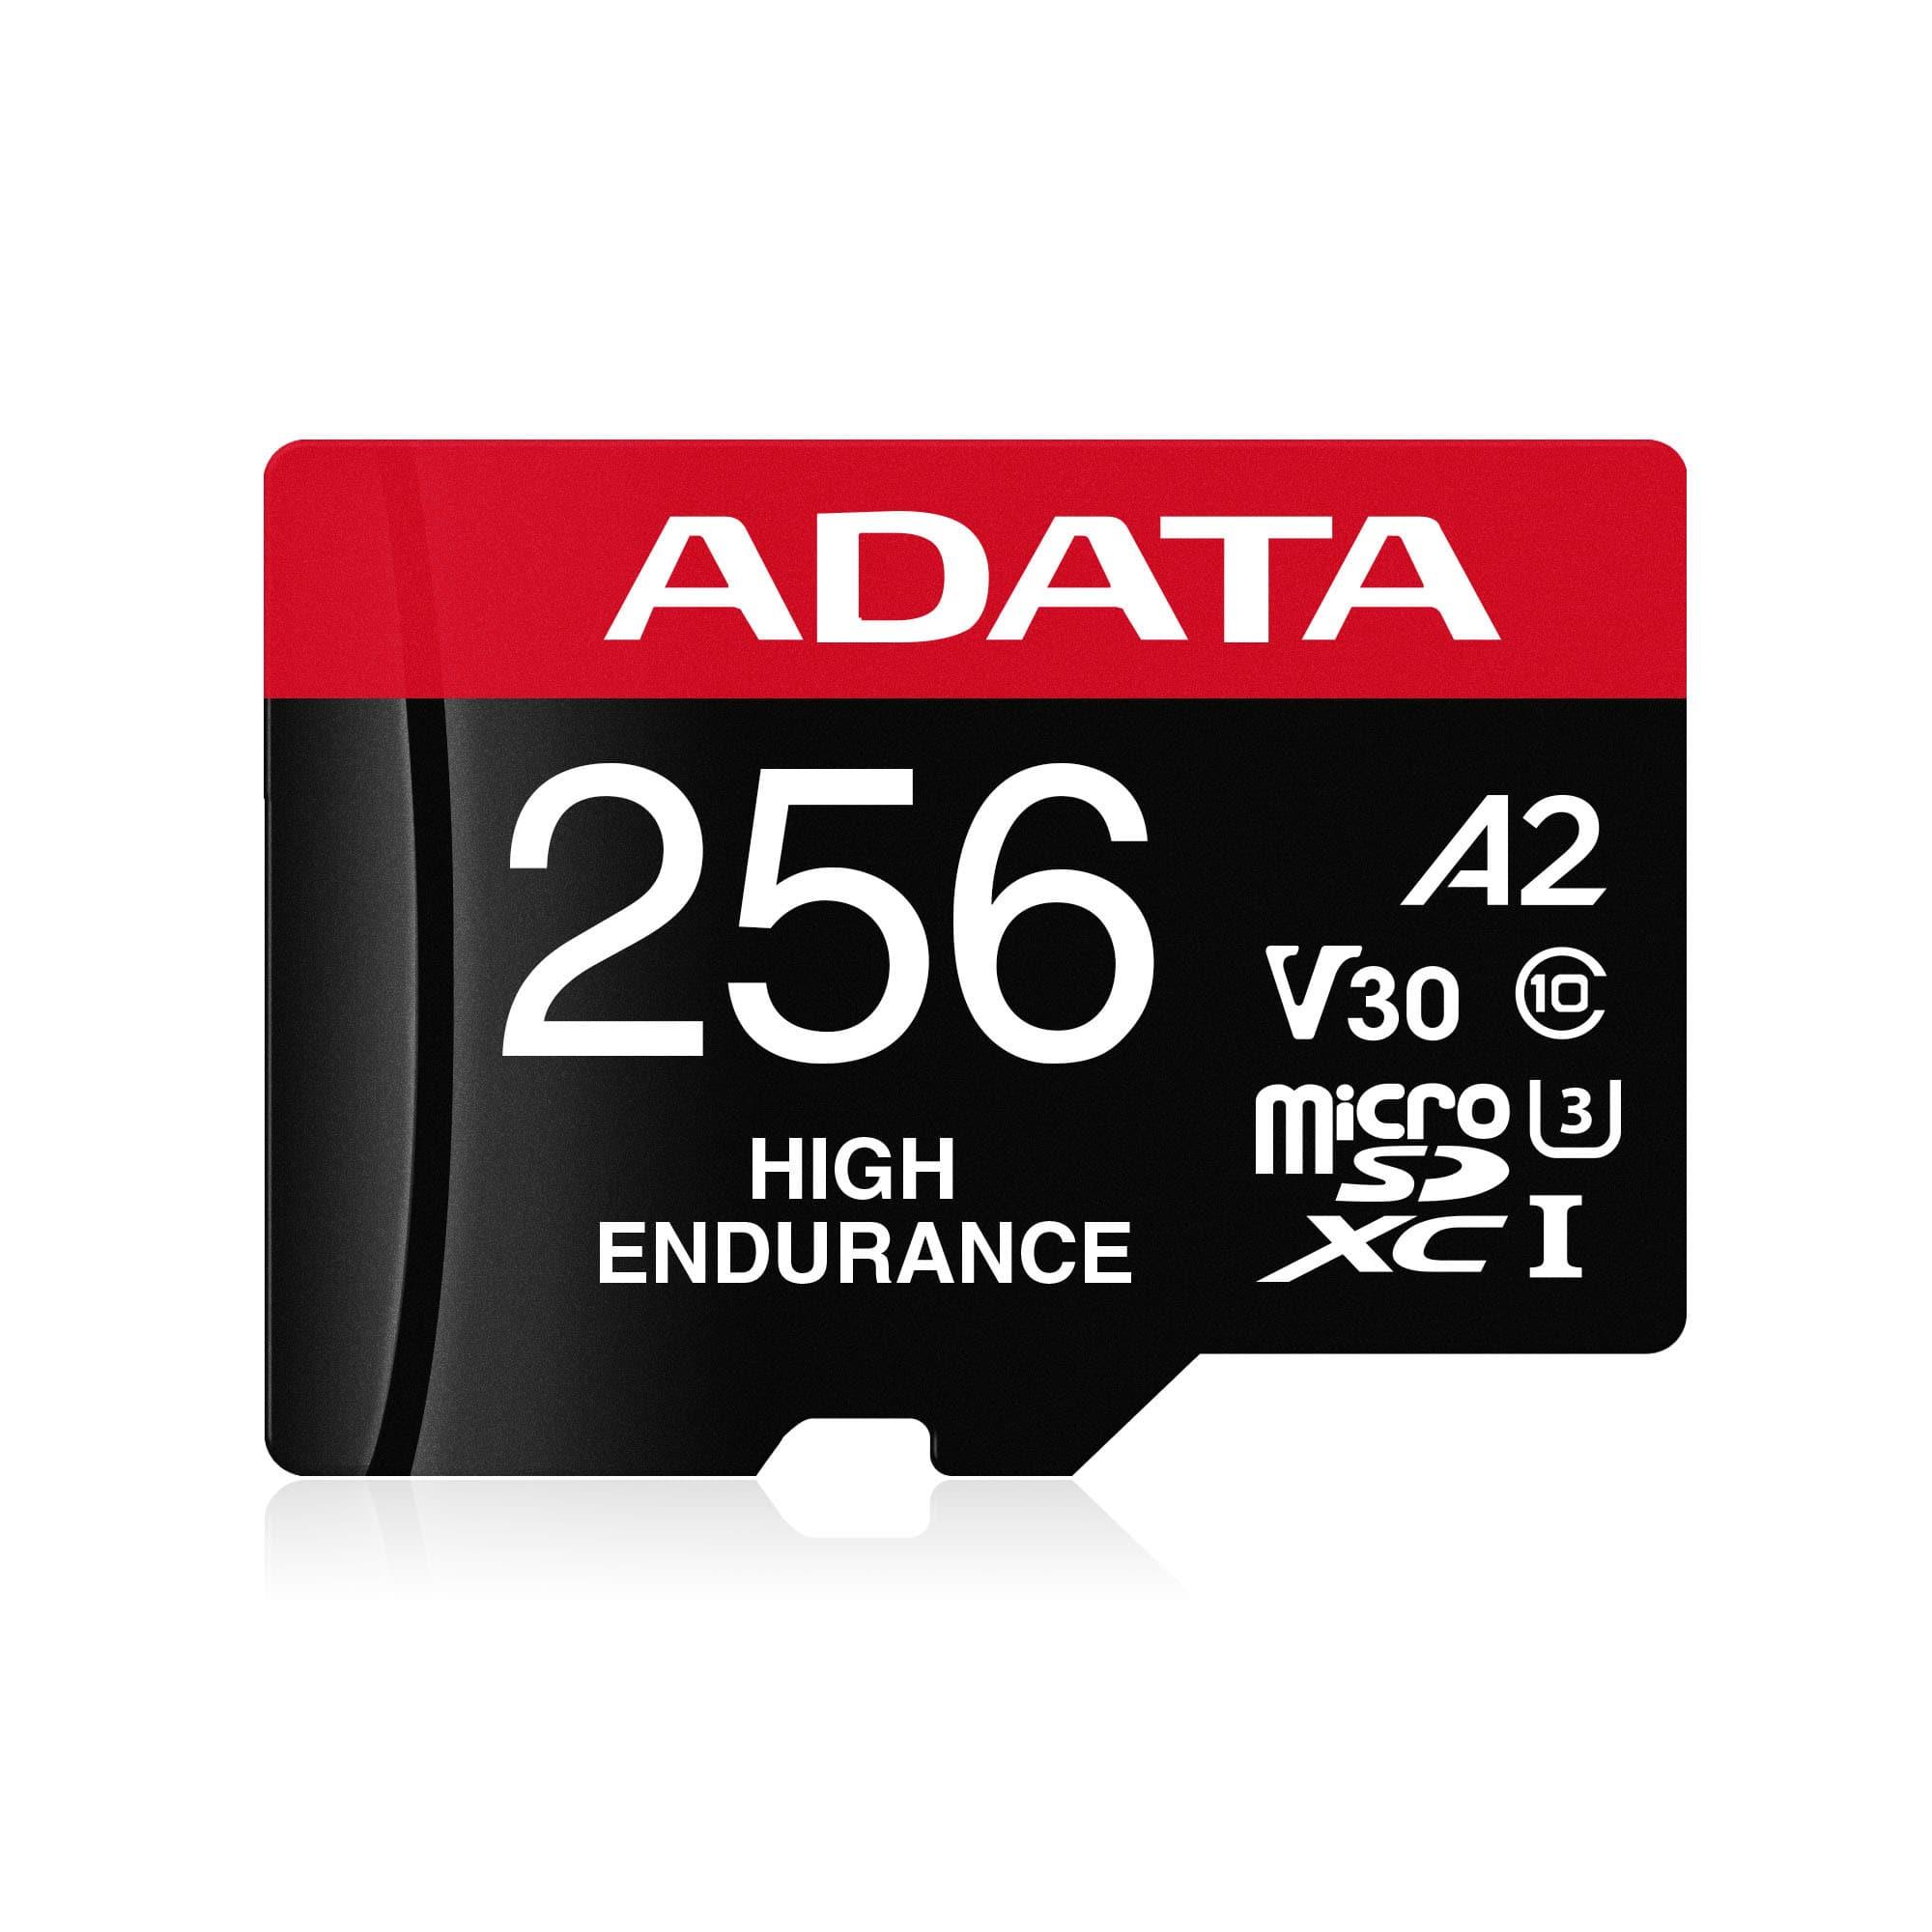 کارت حافظه ای دیتا مدل ADATA High Endurance UHS-I U3 Class 10 256GB